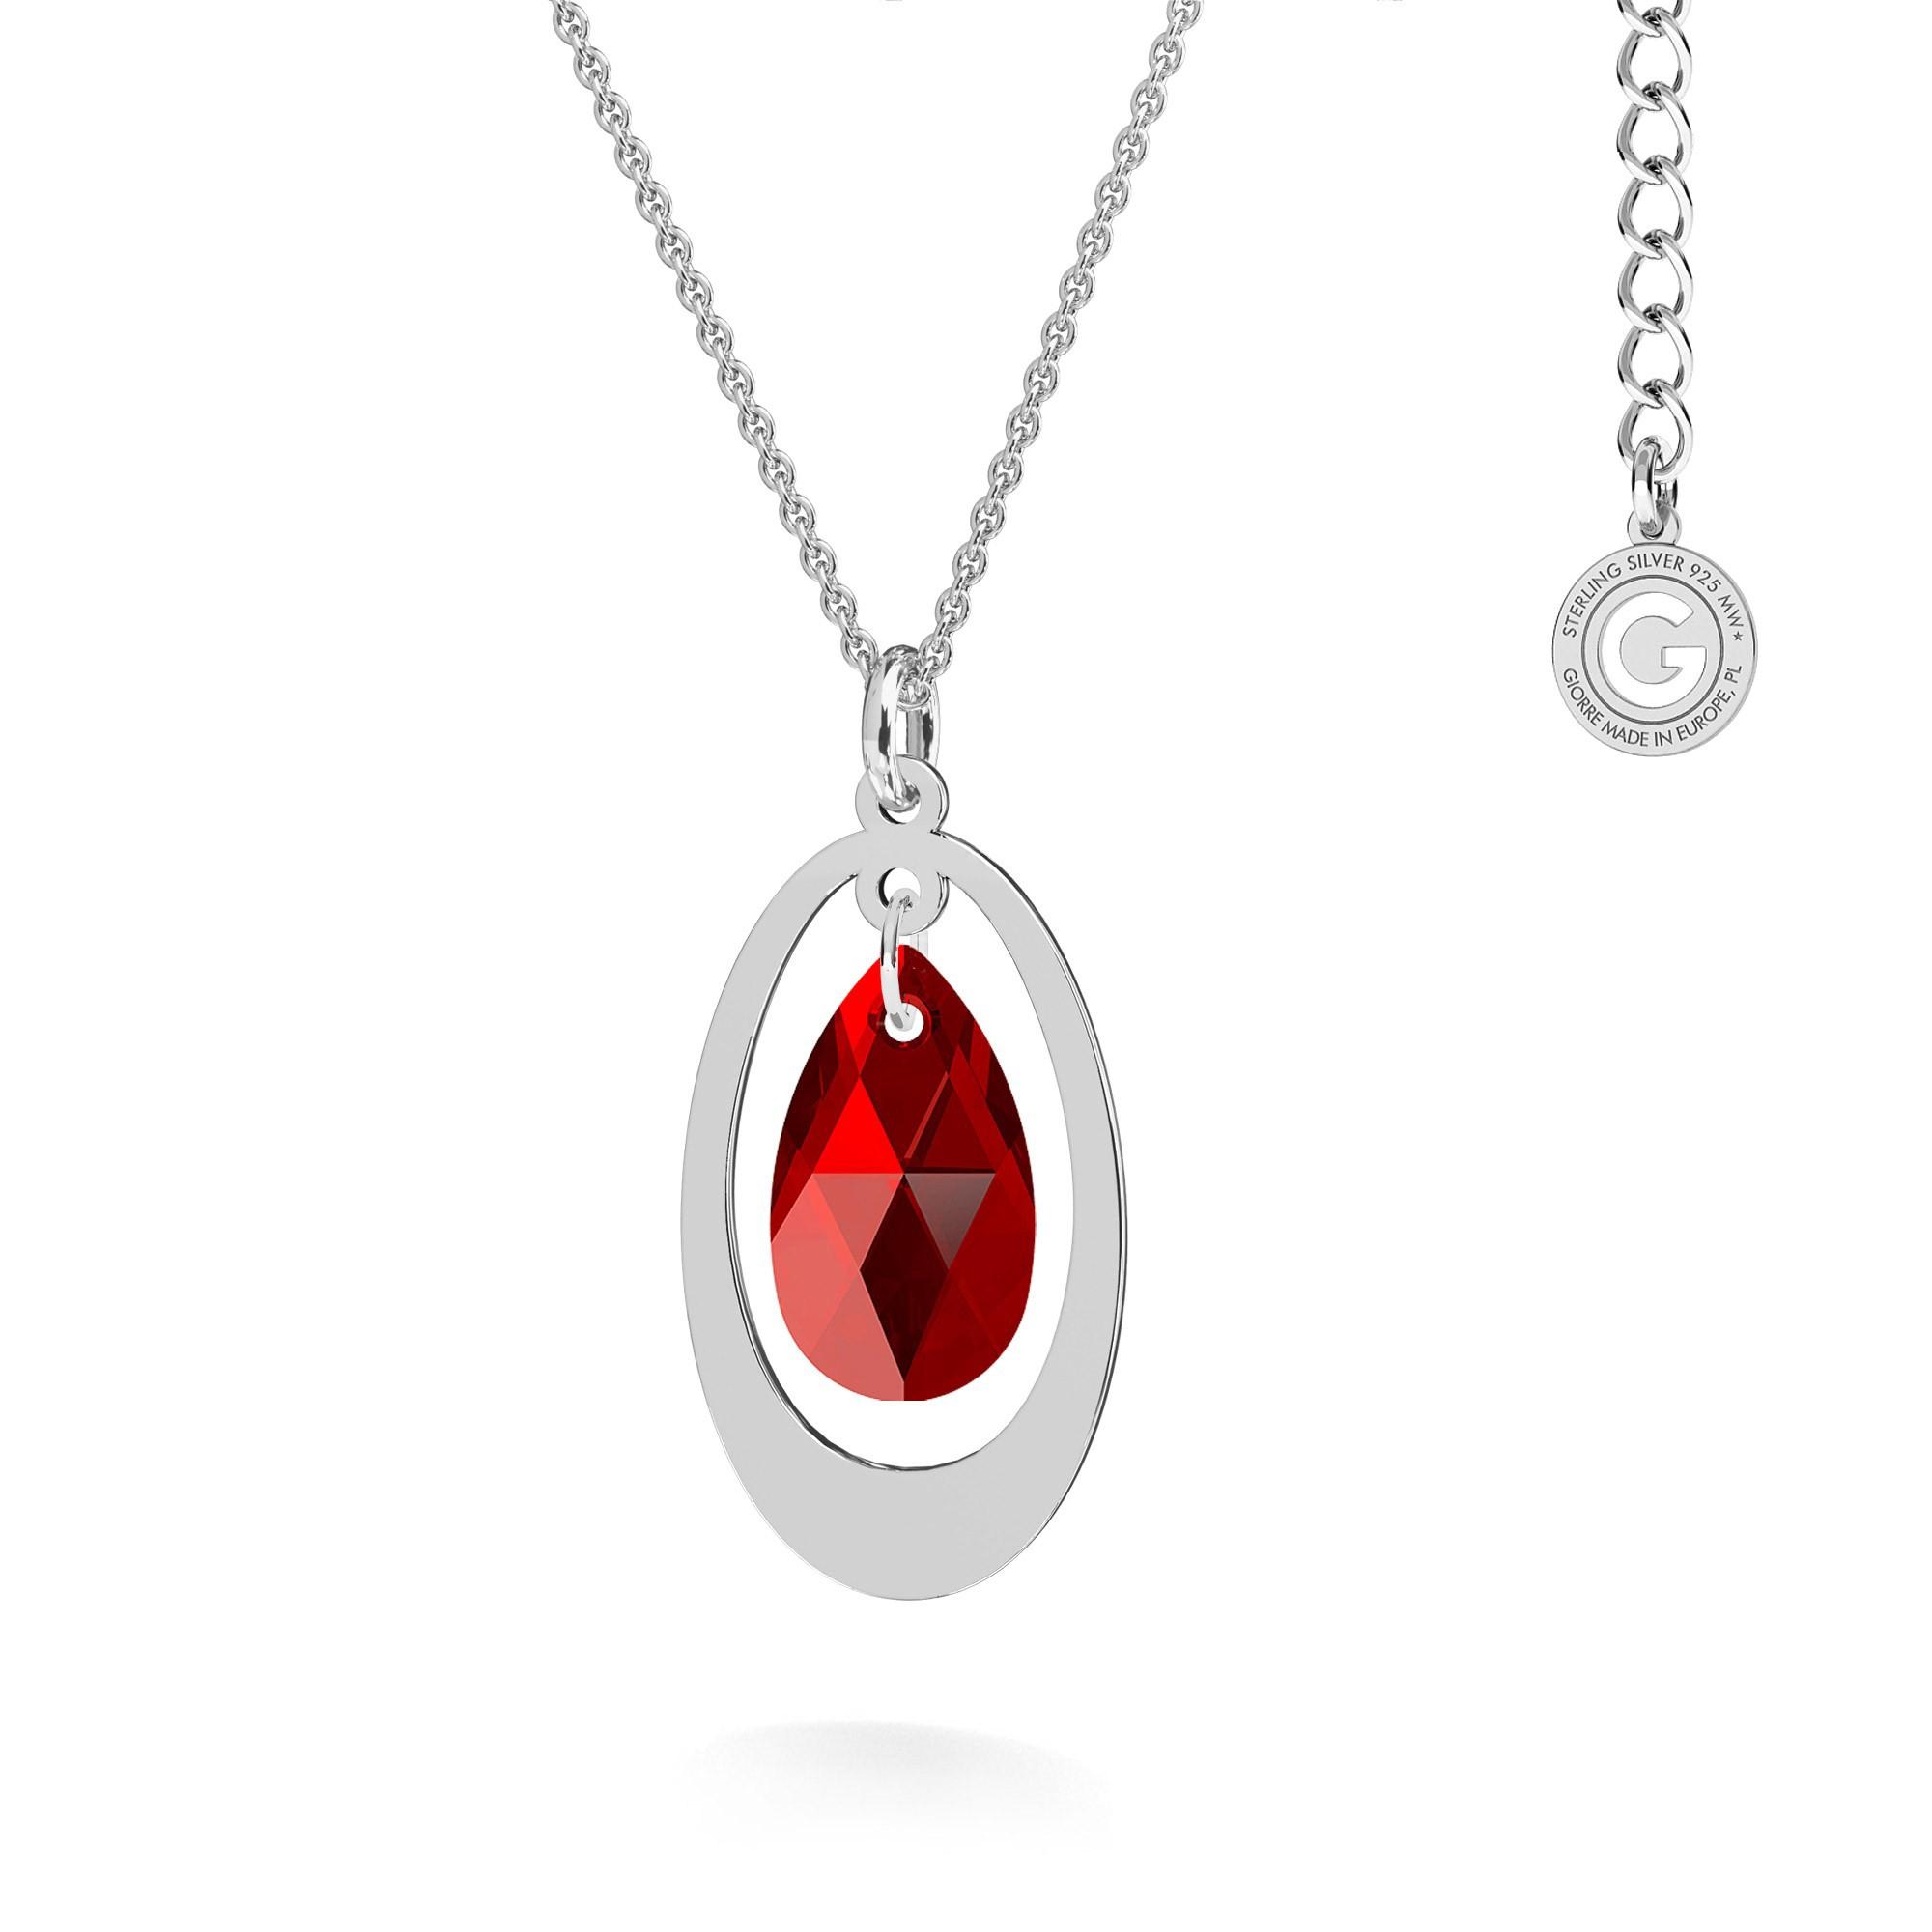 Silver good luck coin necklace with clover MON DÉFI, silver 925